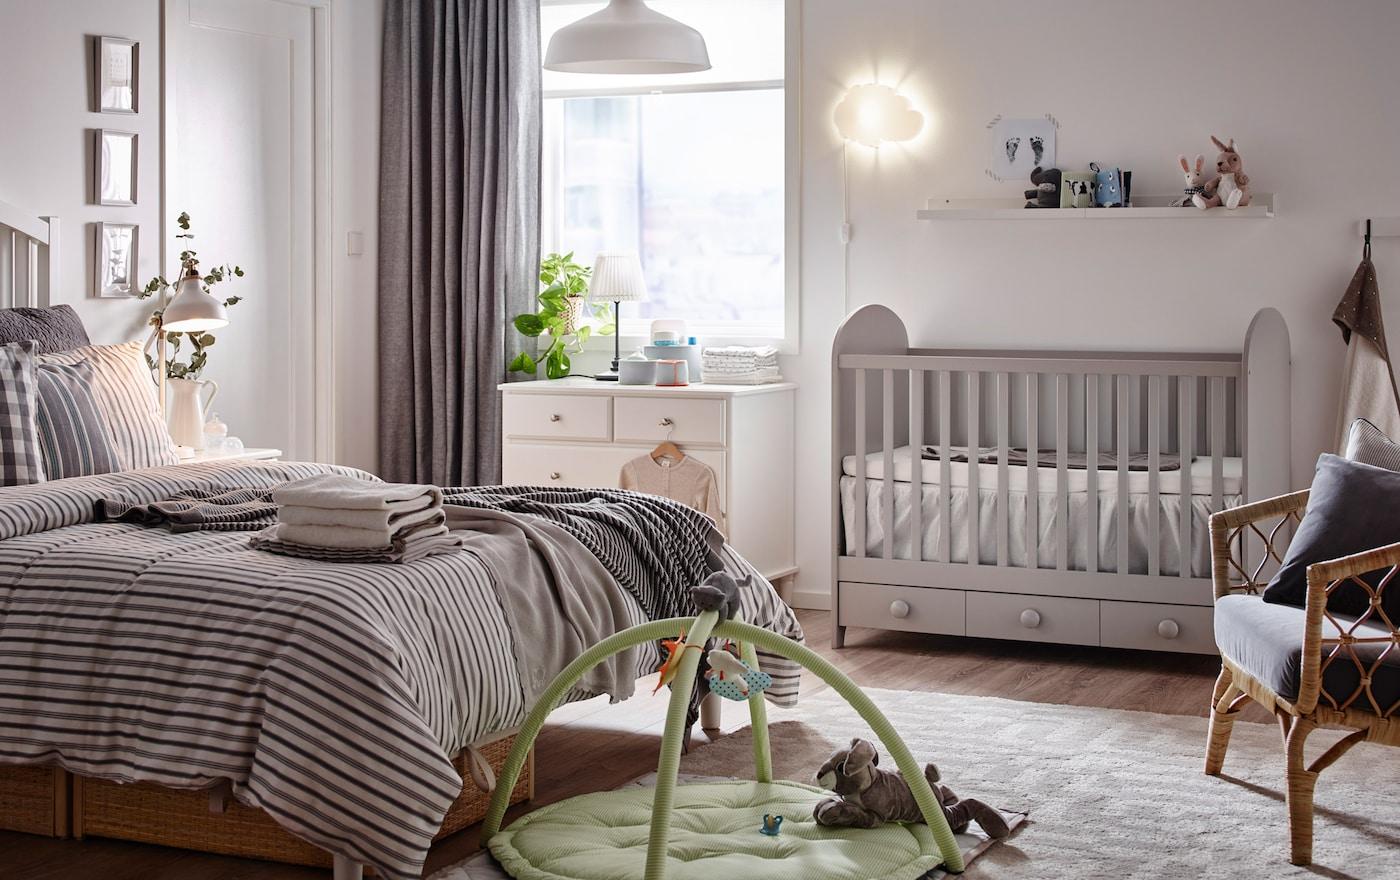 GONATT Babybett in hellgrau im weiß & hellgrau gehaltenem Elternschlafzimmer